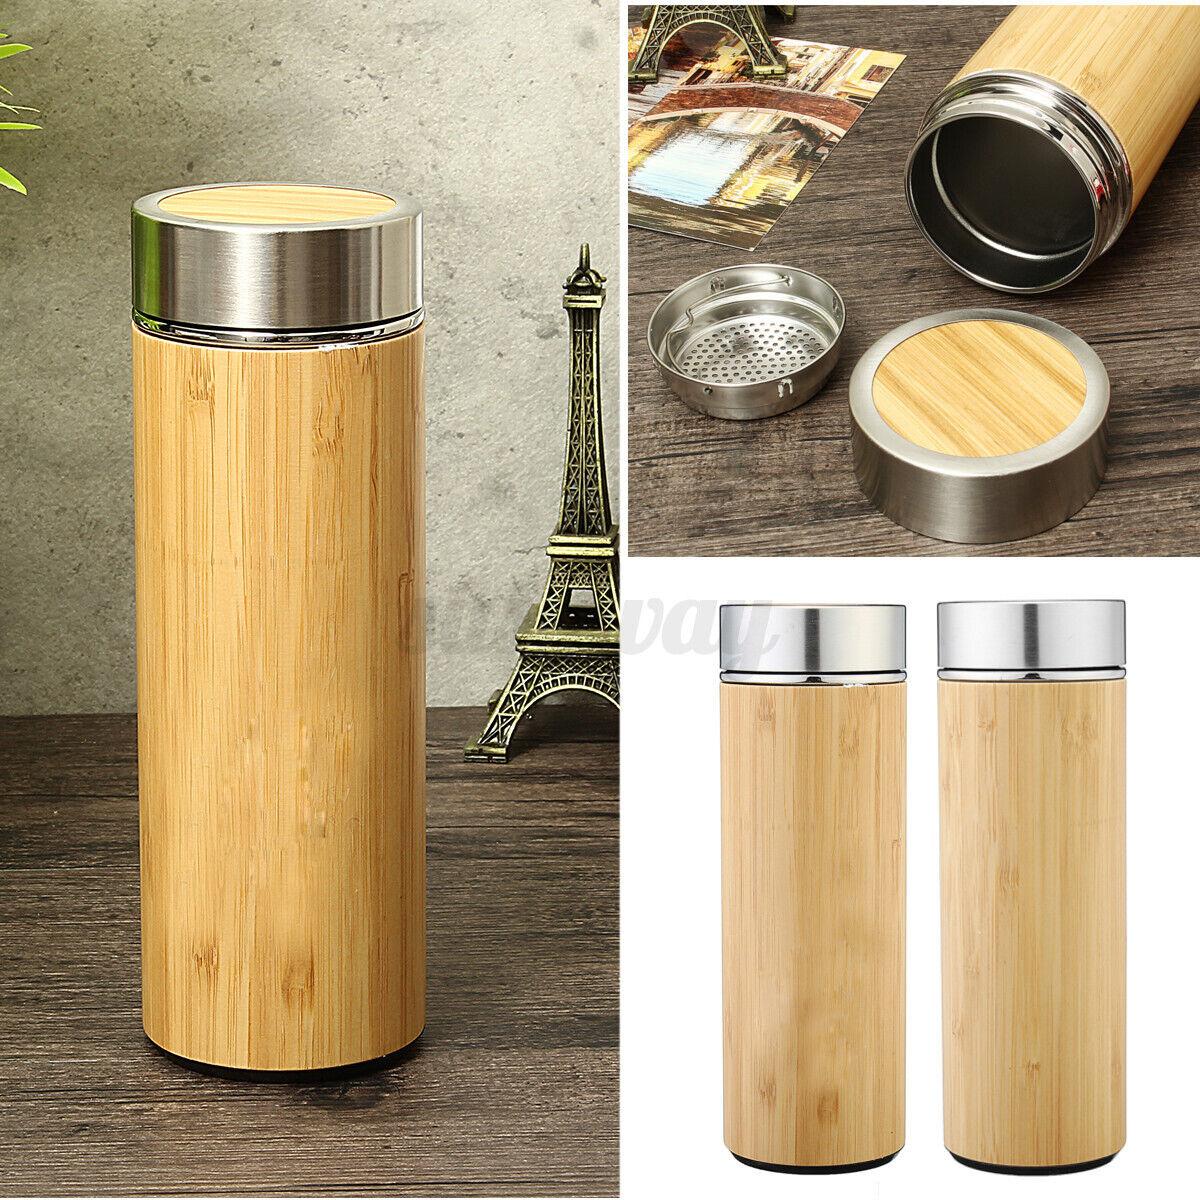 Bambù Viaggio Thermos Tazza Acciaio Inox Bottiglie Acqua Vuoto Fiasche Tè